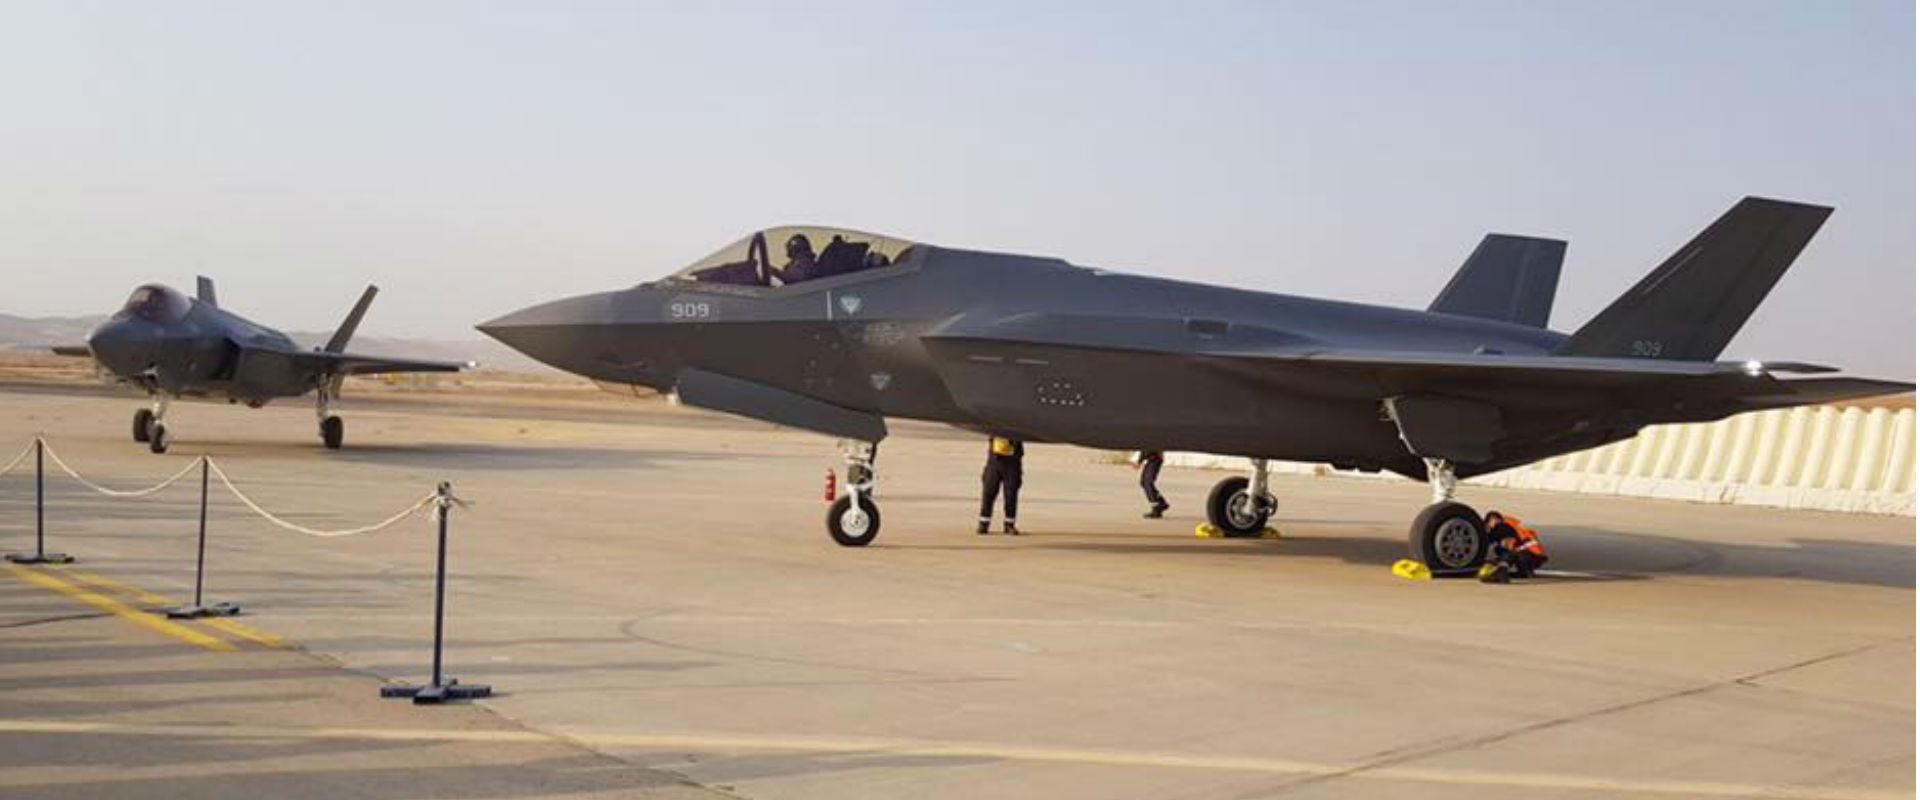 רוסיה טוענת בפלנו מטוס F35I ישראלי-ישראל טוענת תאונה עם ציפור שחדרה למנוע המטוס לא הופל הוא ניזוק אבל לא יטוס יותר Cat23623_img_cover149456179